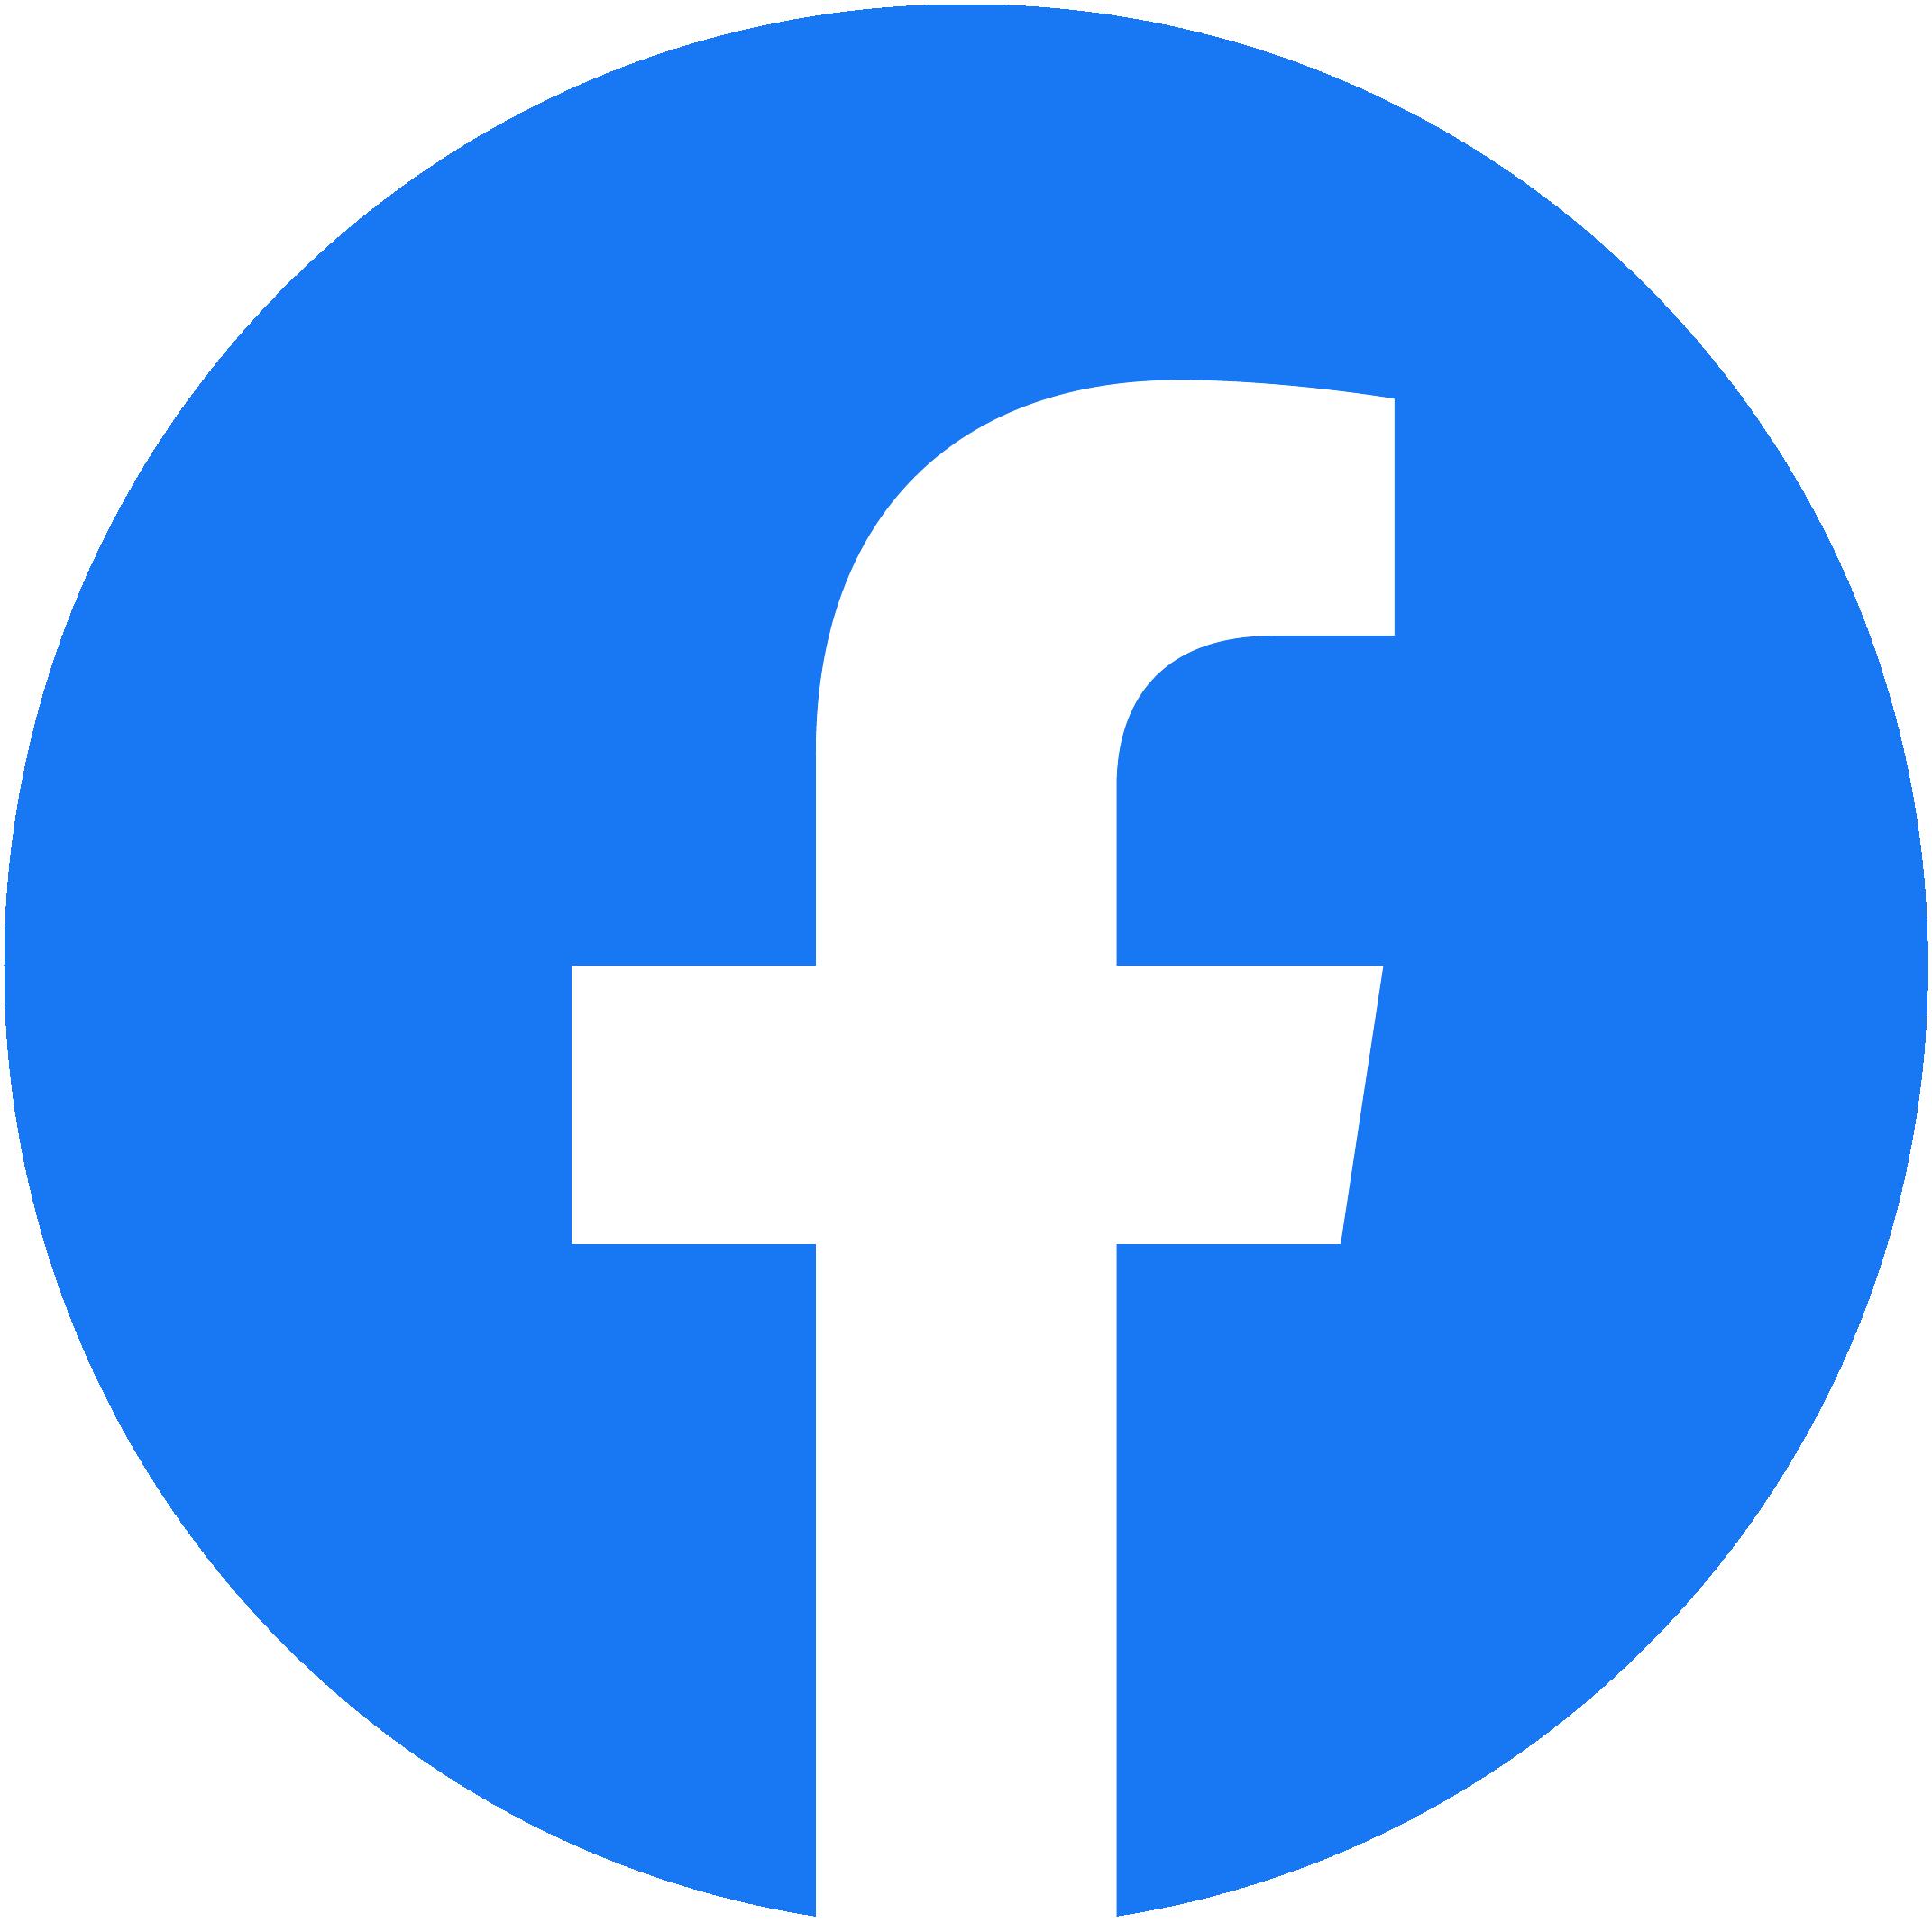 カフェパーチェの公式Facebookアカウント